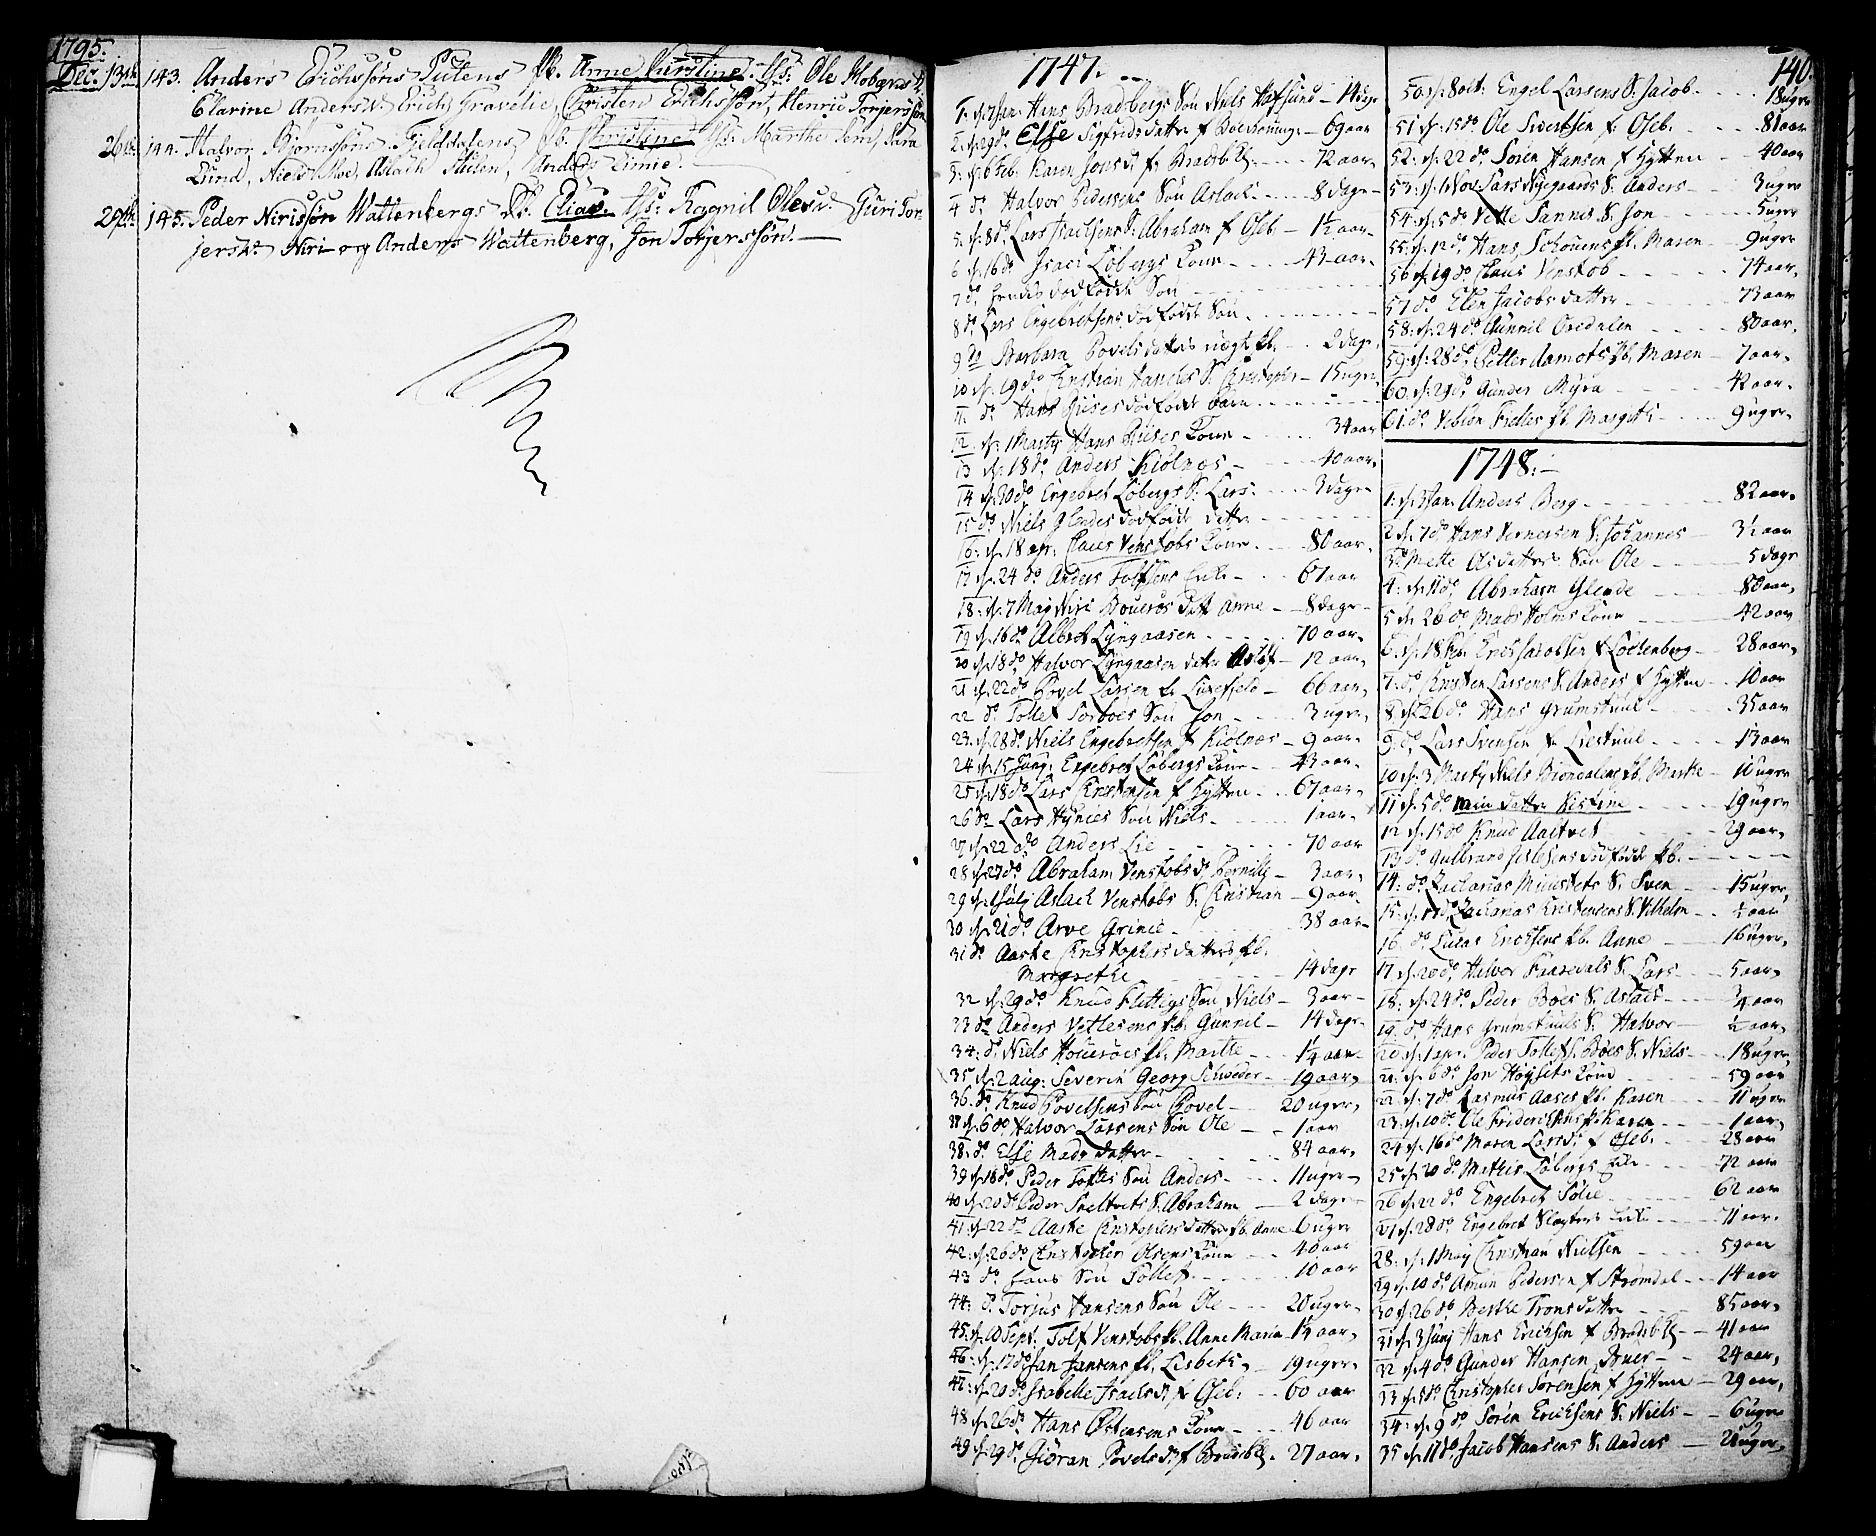 SAKO, Gjerpen kirkebøker, F/Fa/L0002: Ministerialbok nr. 2, 1747-1795, s. 140